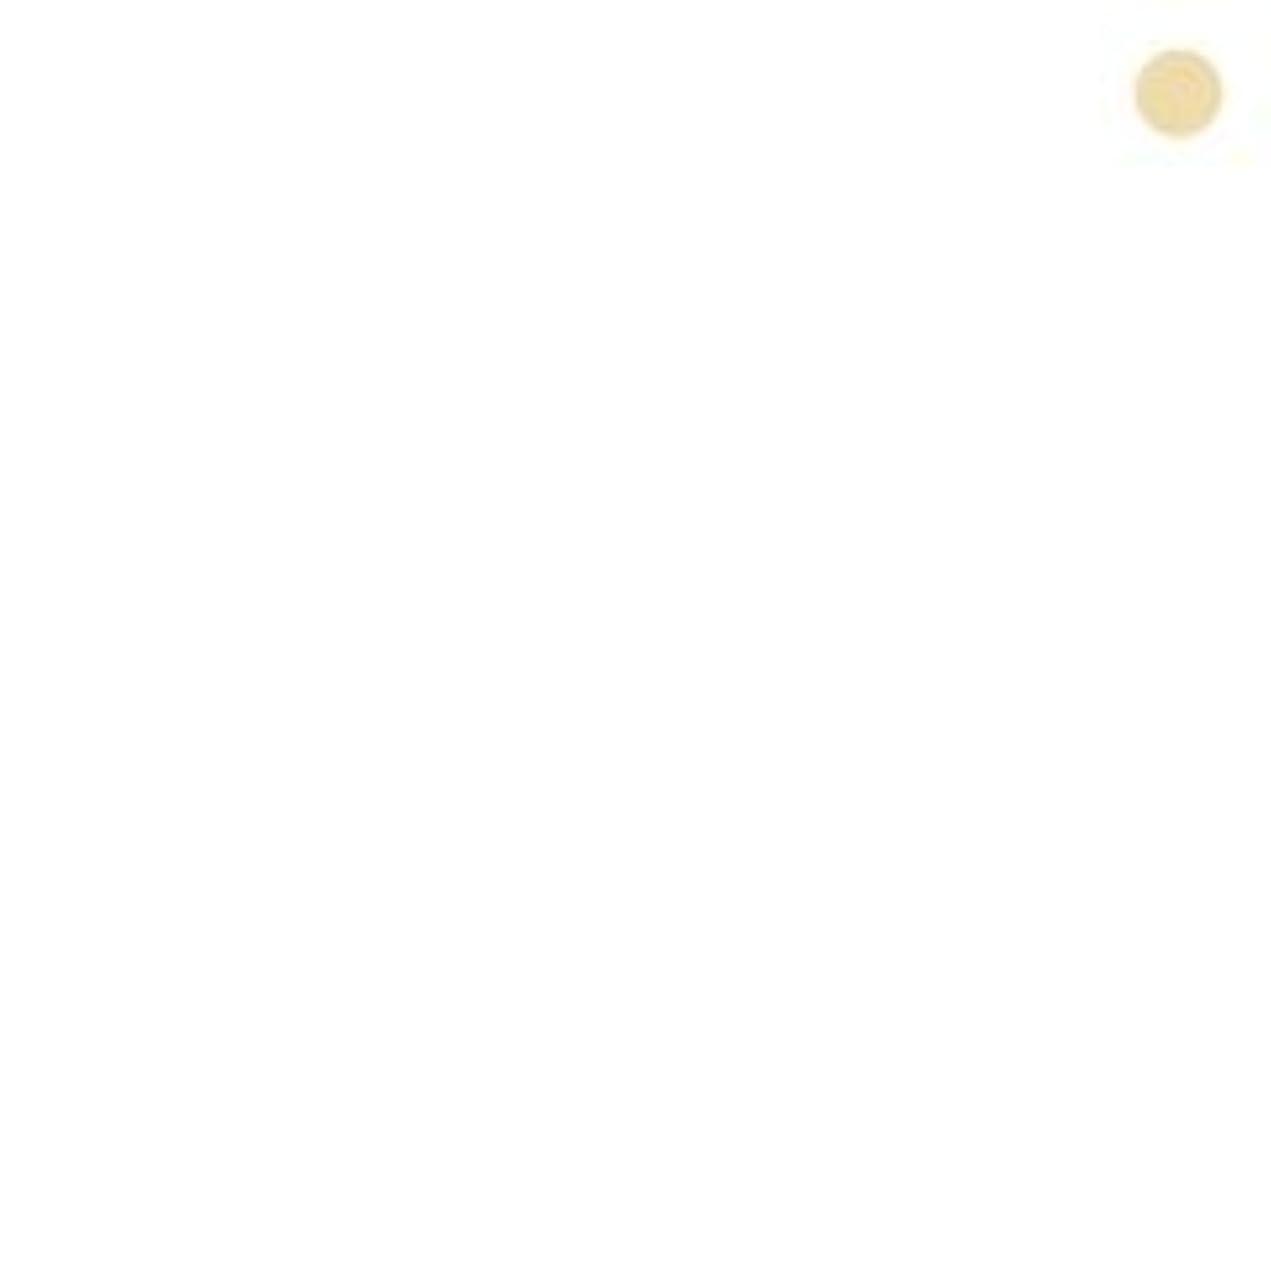 性的焼くマナー【カバーマーク】ジャスミーカラー パウダリーファンデーション #BN20 (レフィル)